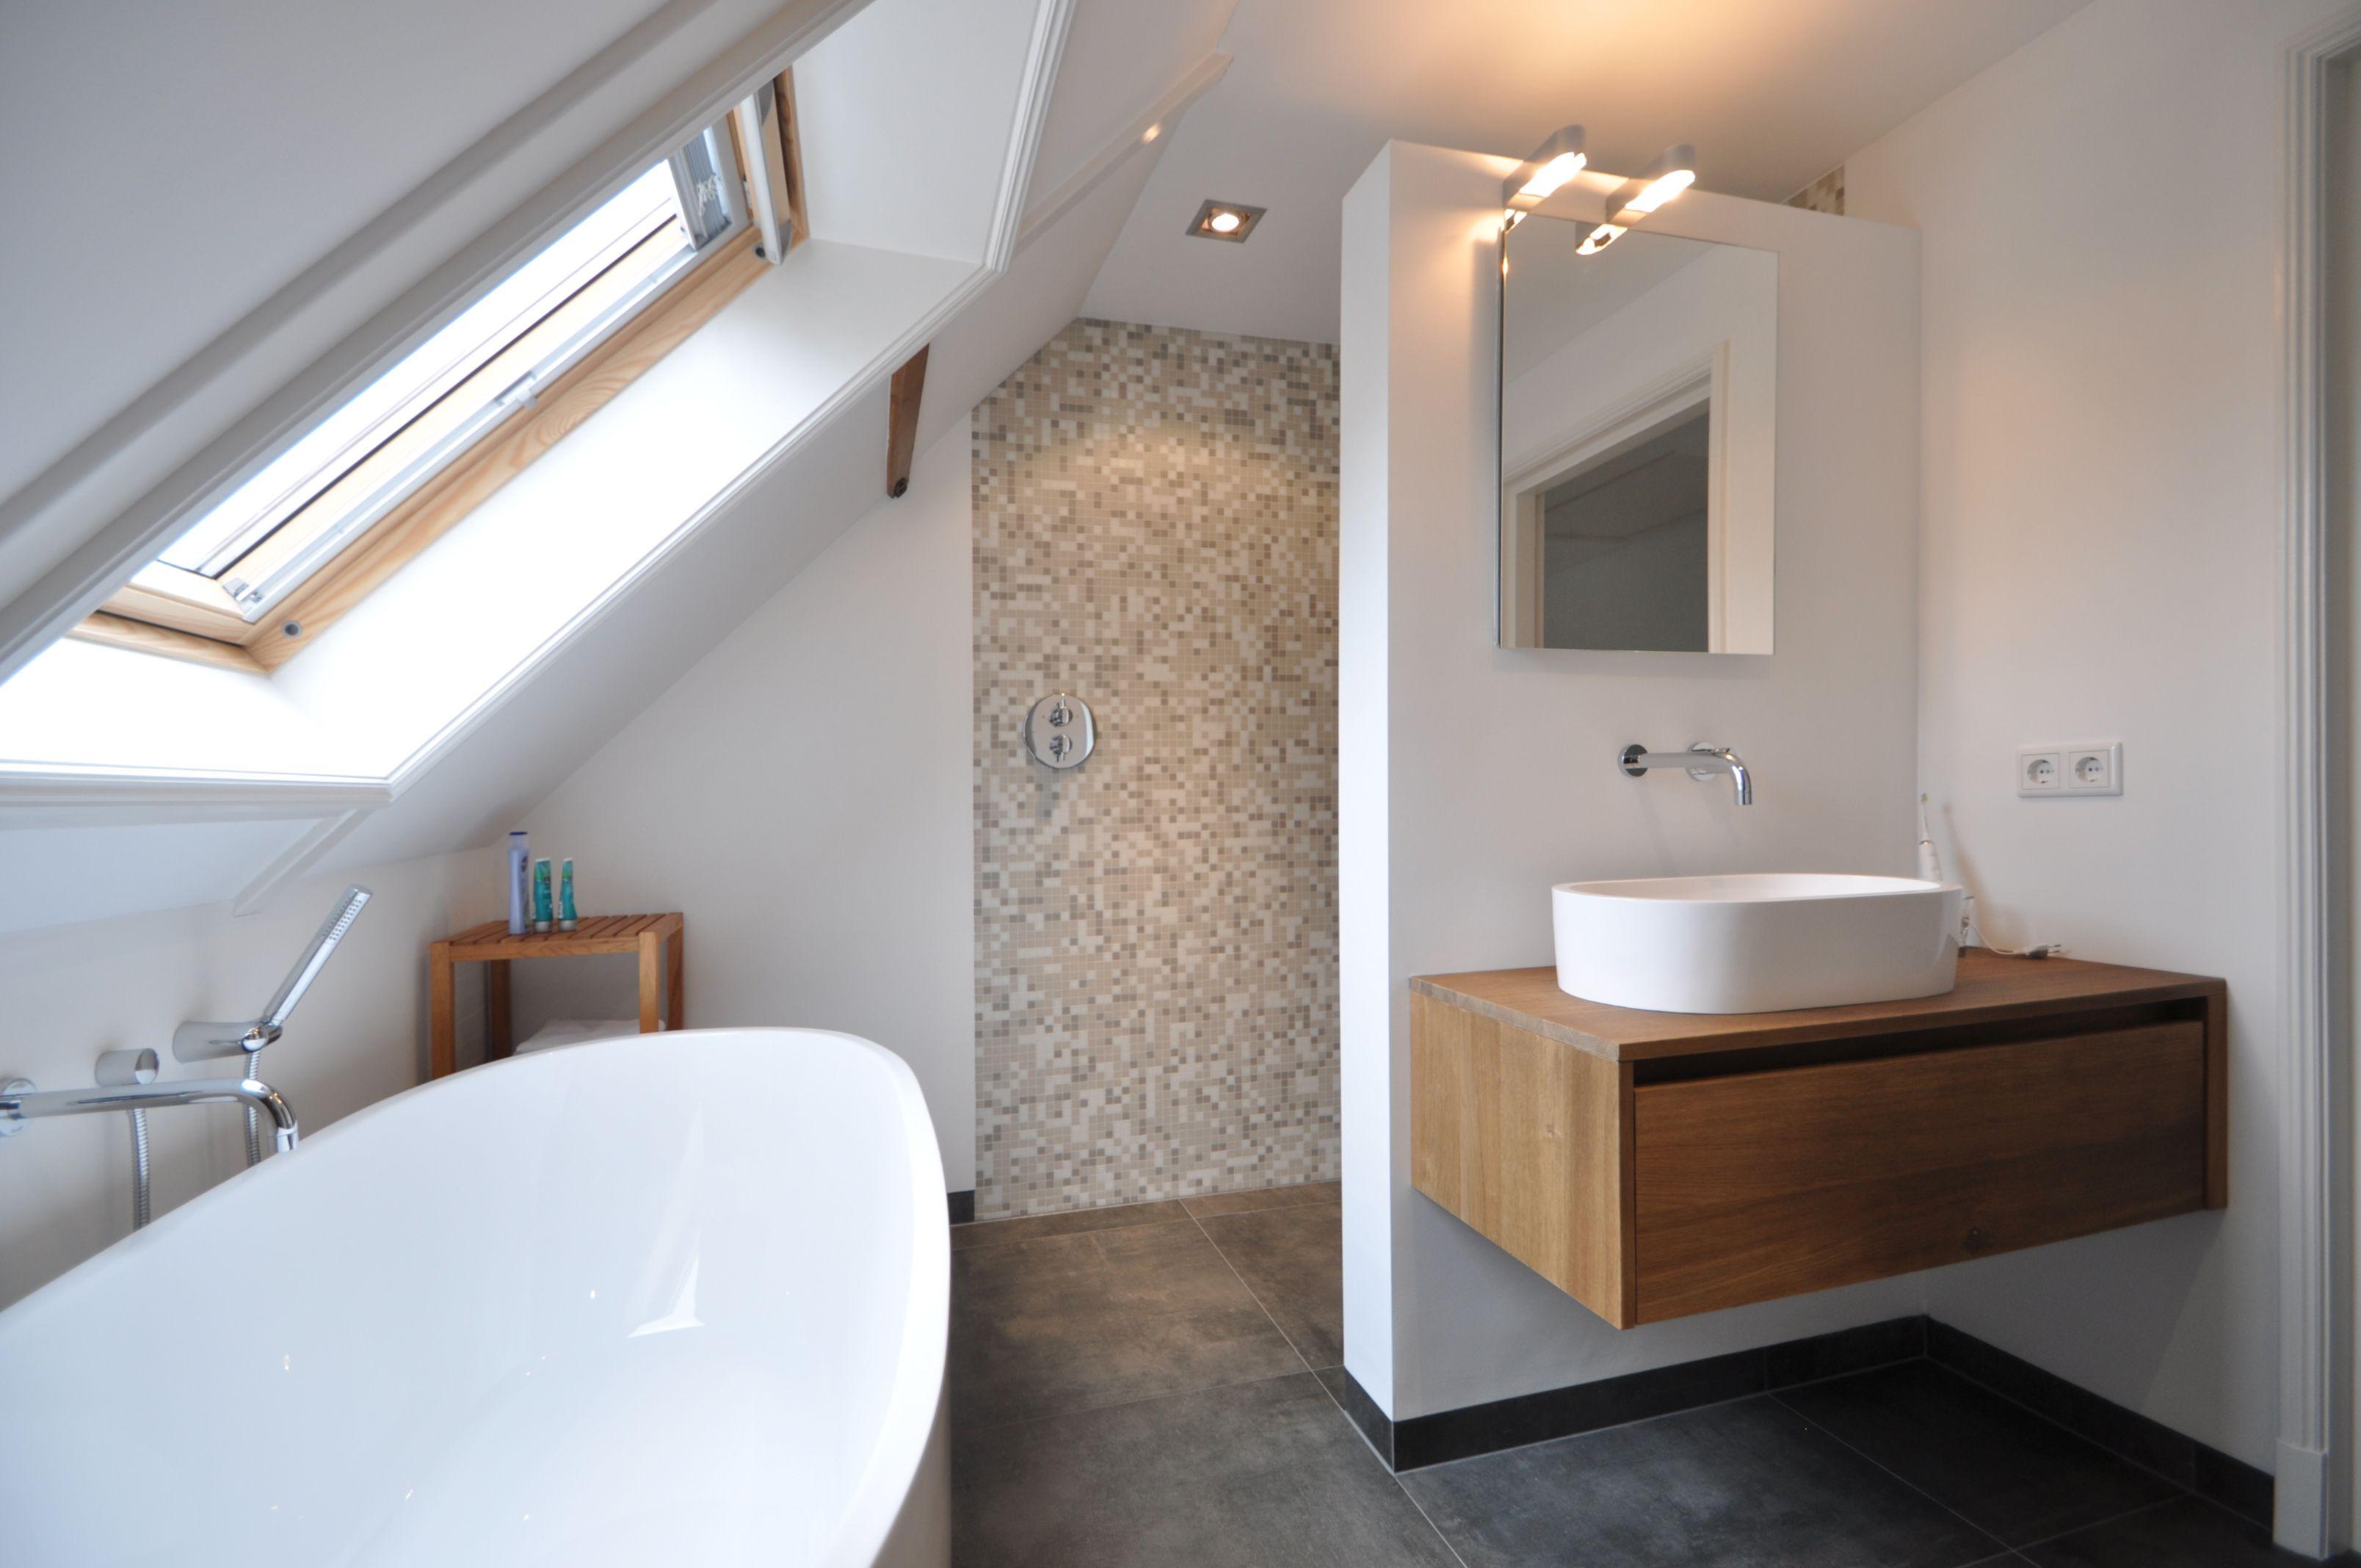 Sfeervolle badkamer met beton look tegels mozaiek wanden inbouwkranen - Badkamer muur tegels porcelanosa ...